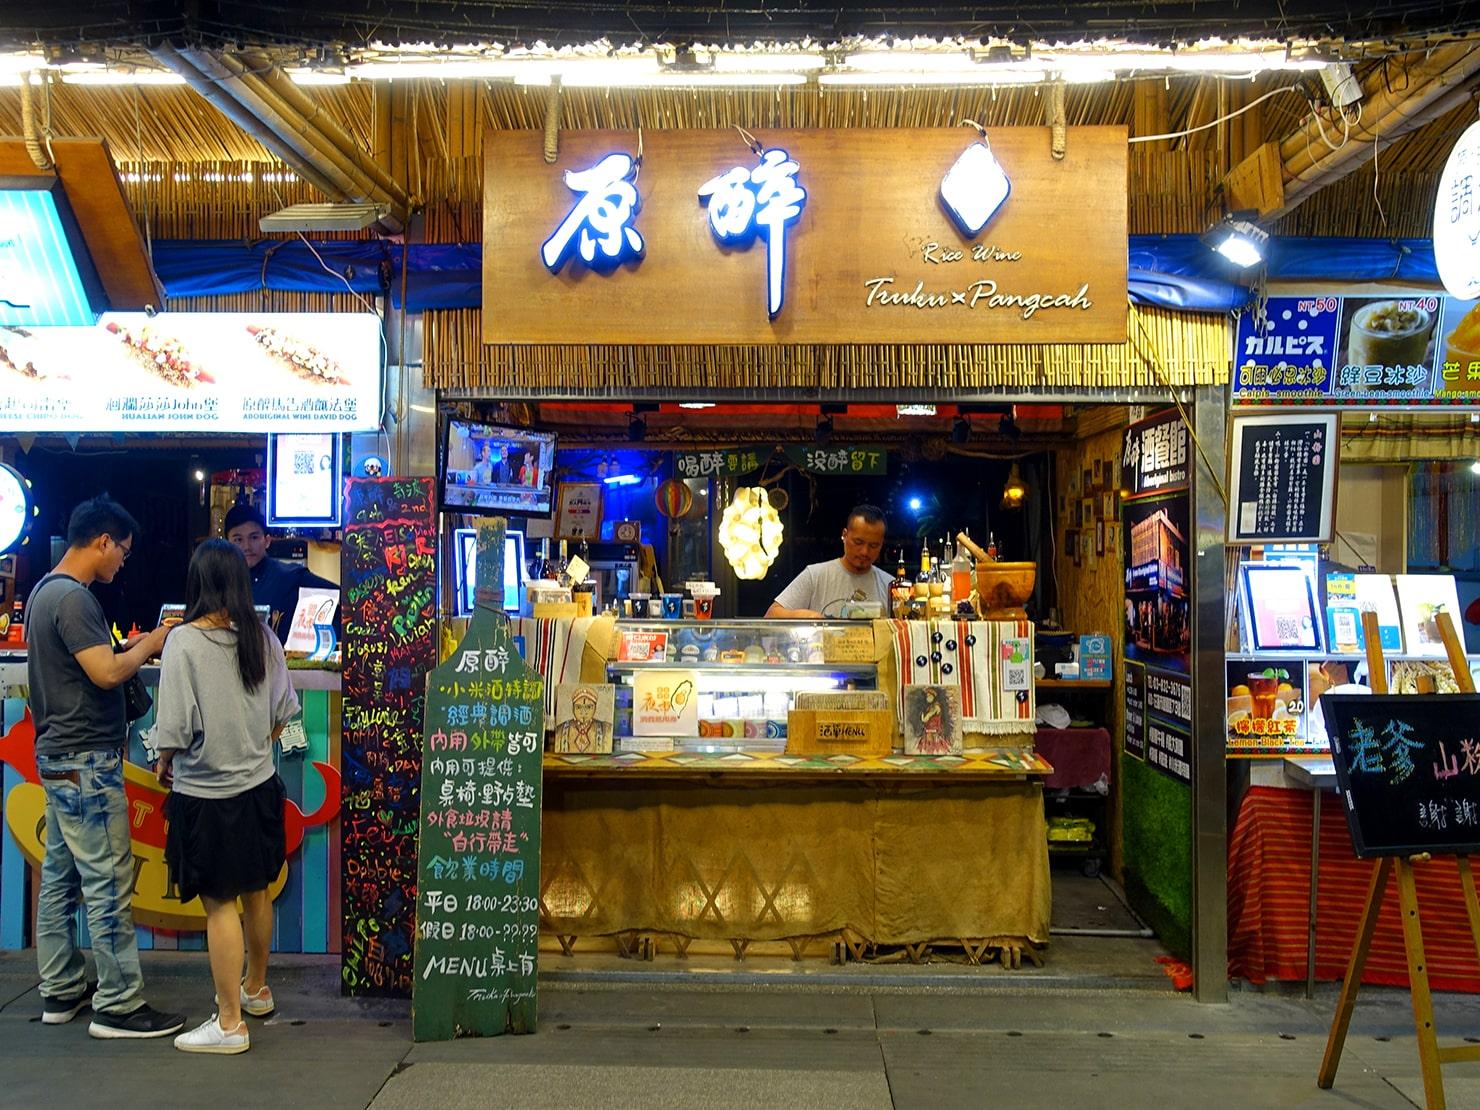 台湾・花蓮のおすすめ観光スポット「東大門夜市」のドリンク屋台